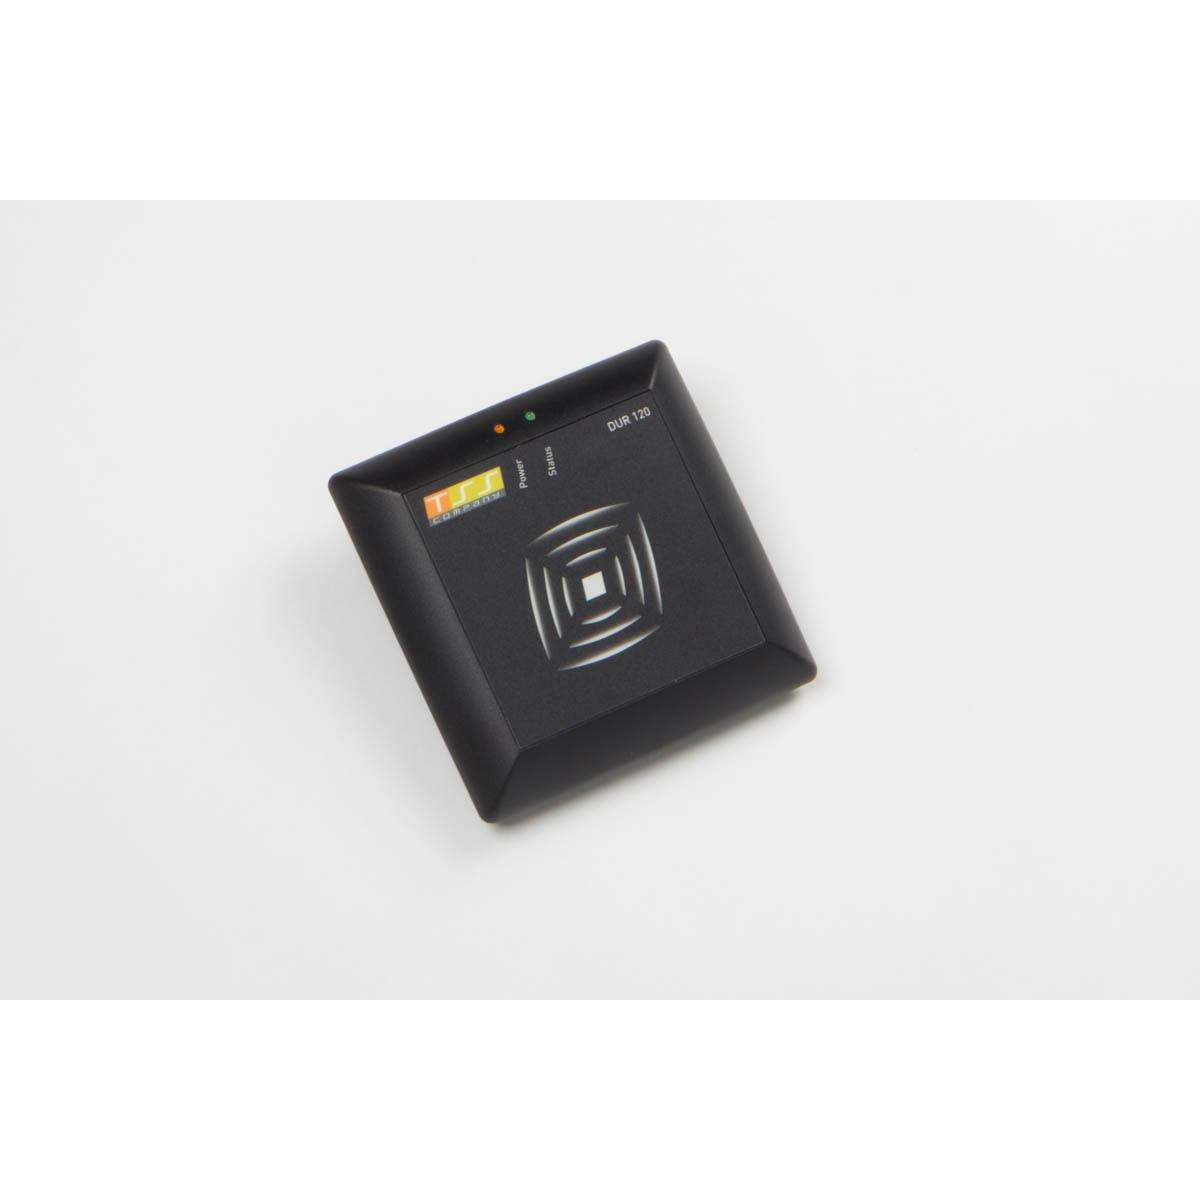 TSS Desktop UHF RFID reader